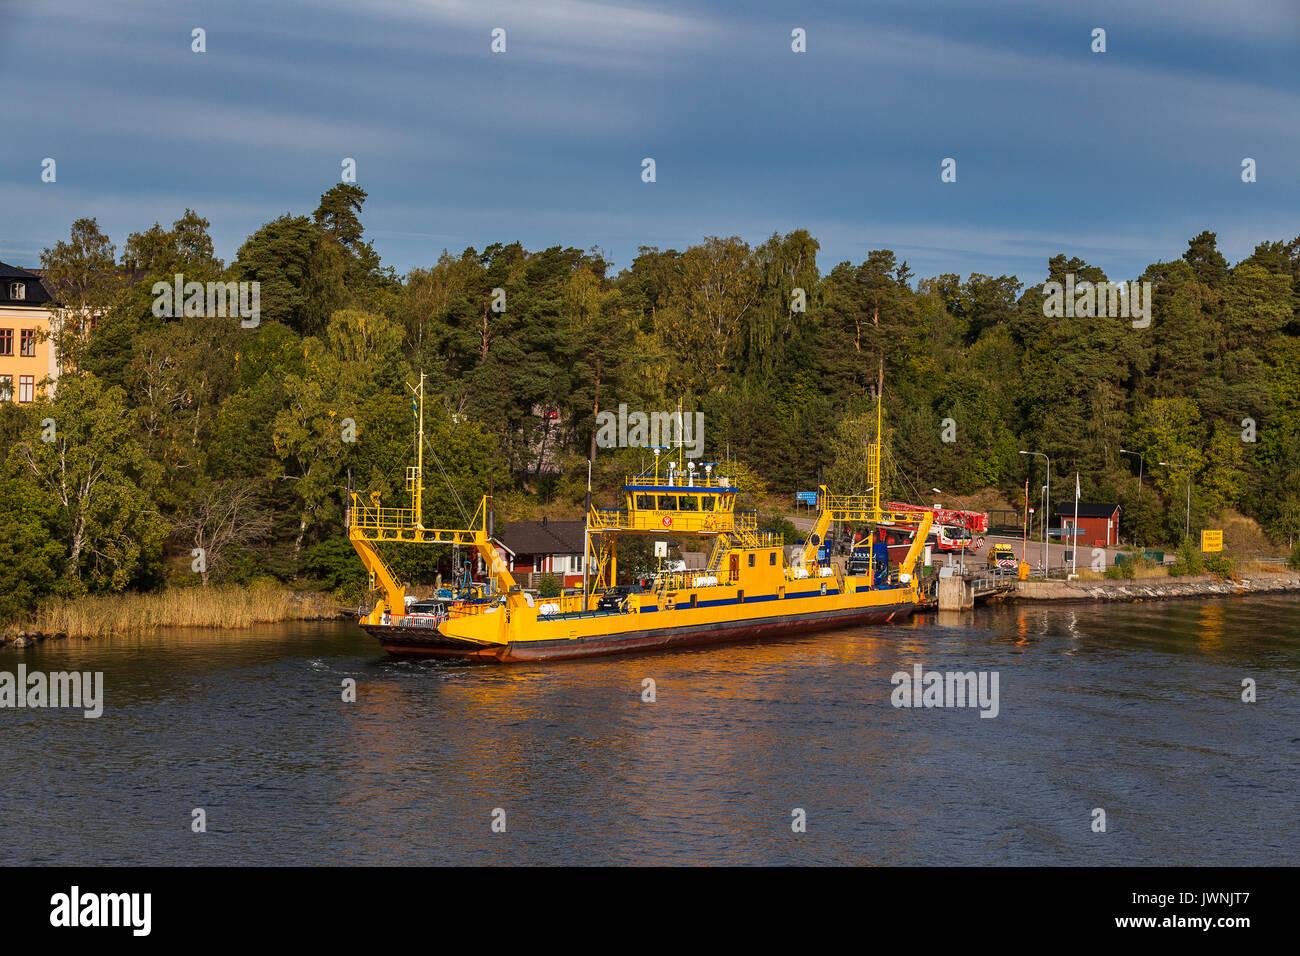 Ro Ro Ferry Stock Photos & Ro Ro Ferry Stock Images - Alamy